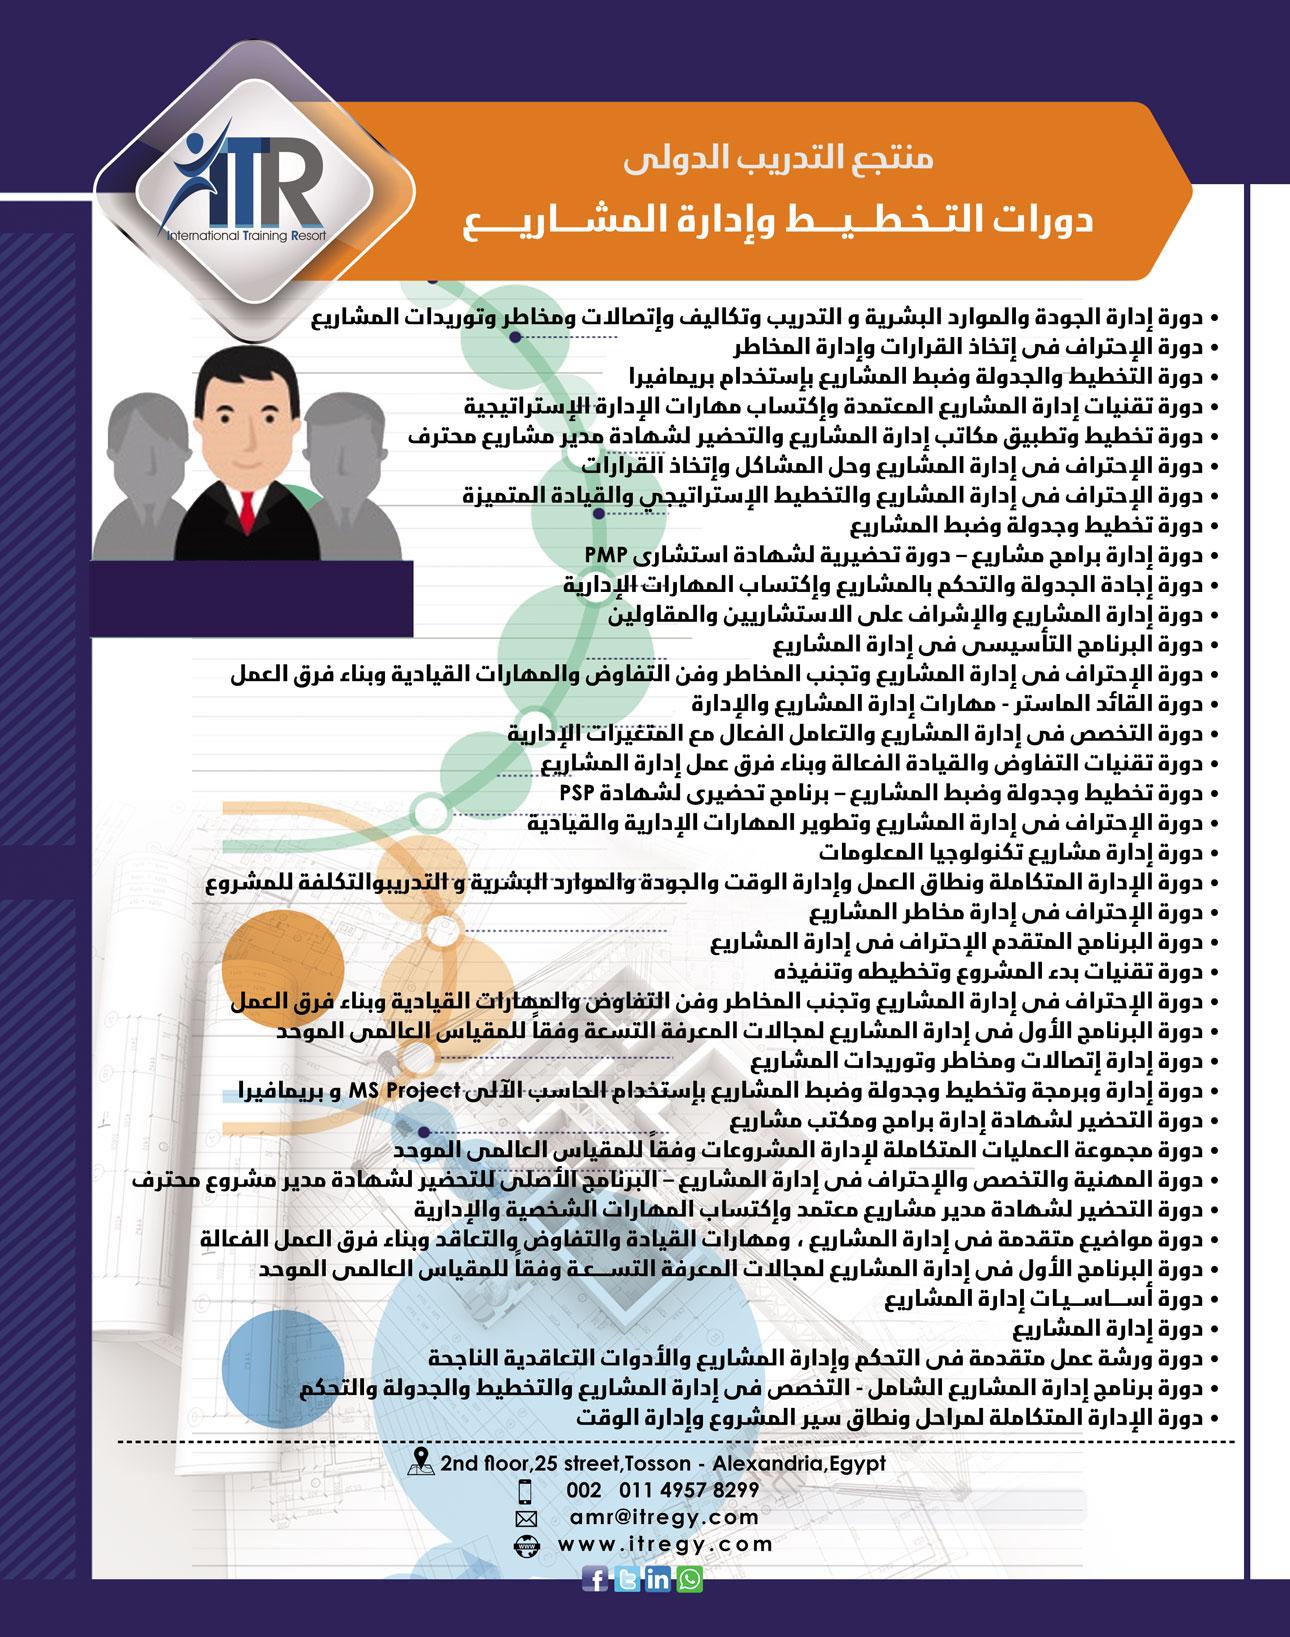 دورات التخطيط وإدارة المشاريع